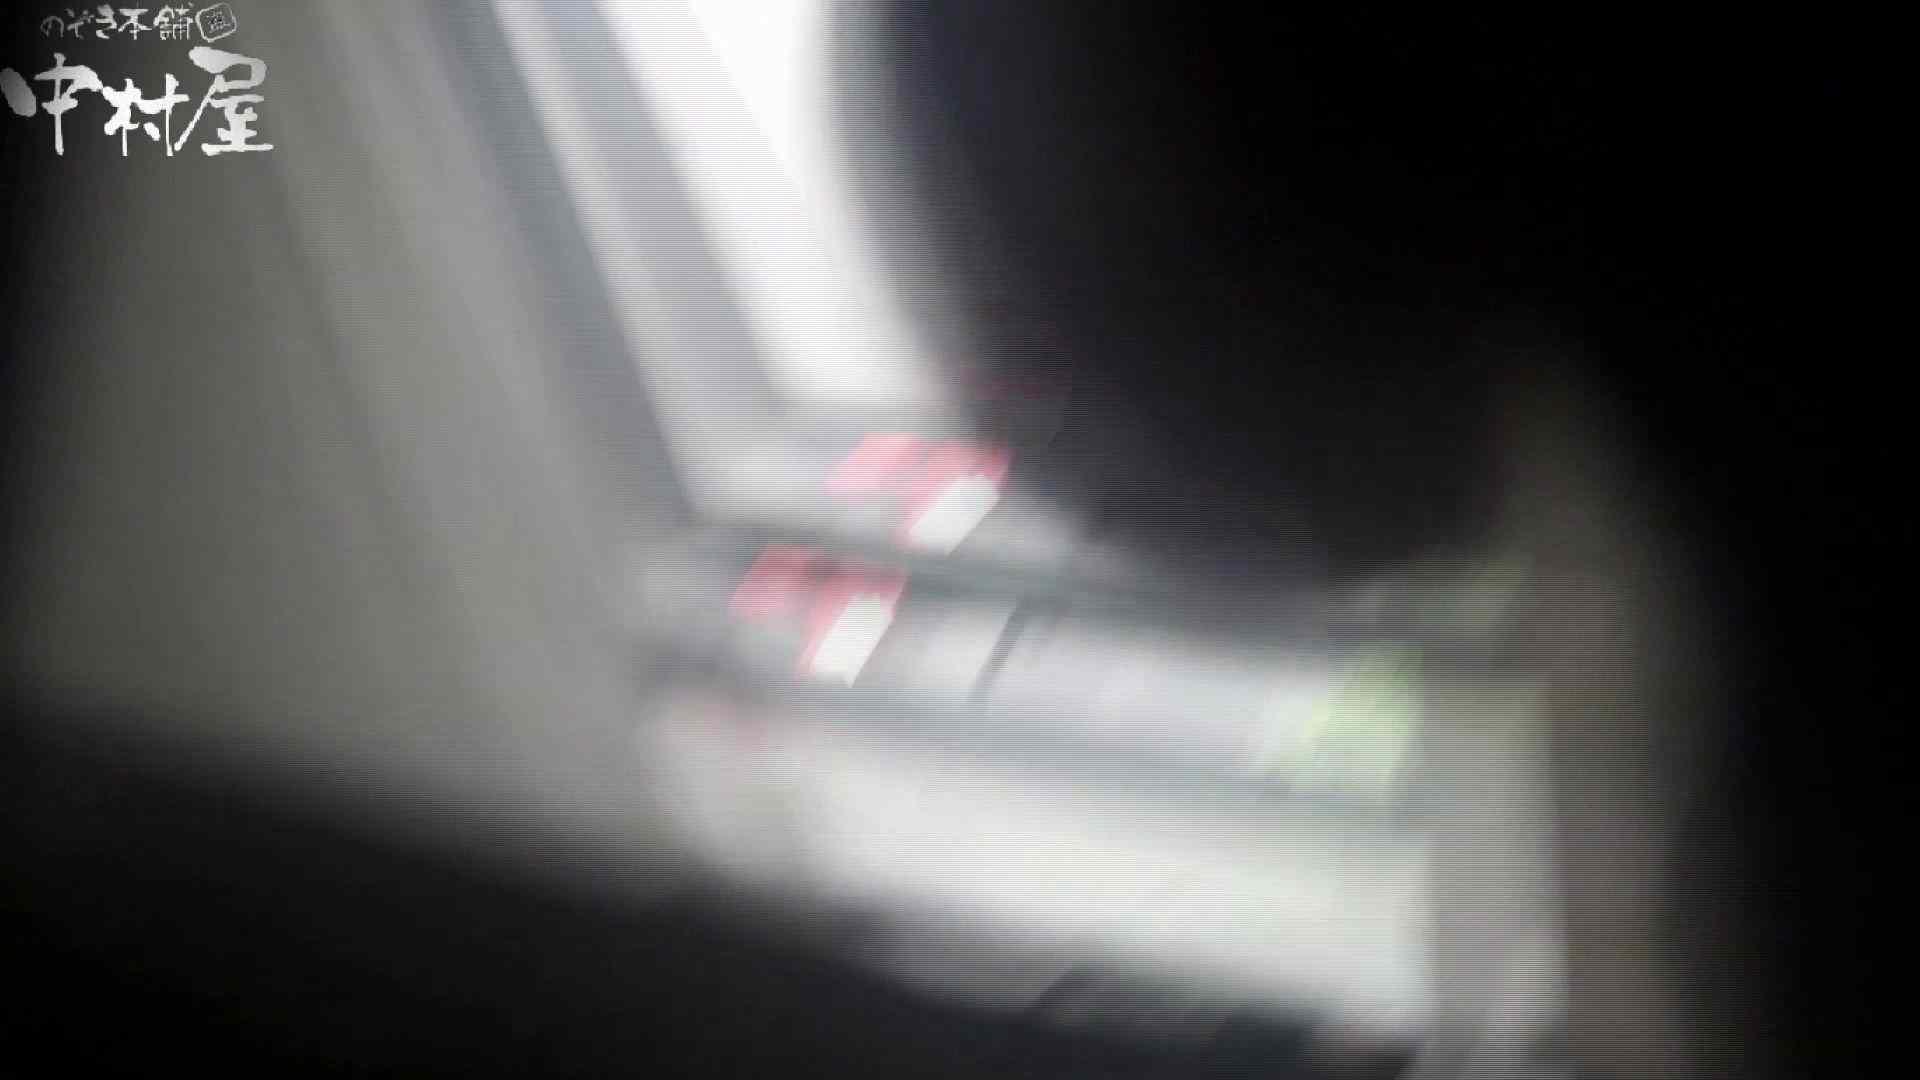 世界の射窓から~ステーション編~vol40 更に画質アップ!! HなOL | 0  95pic 50